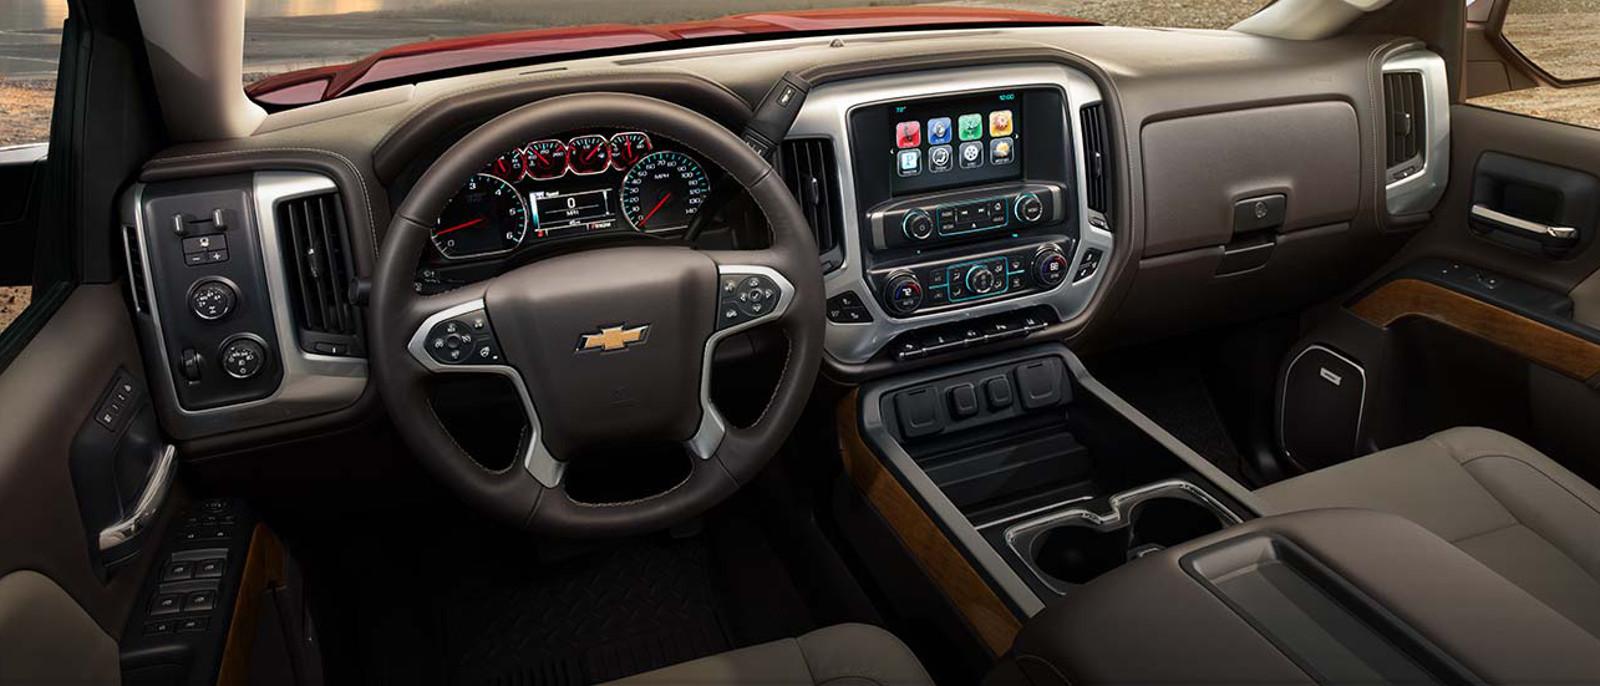 2016 Chevrolet Silverado Troy Albany | DePaula Chevrolet